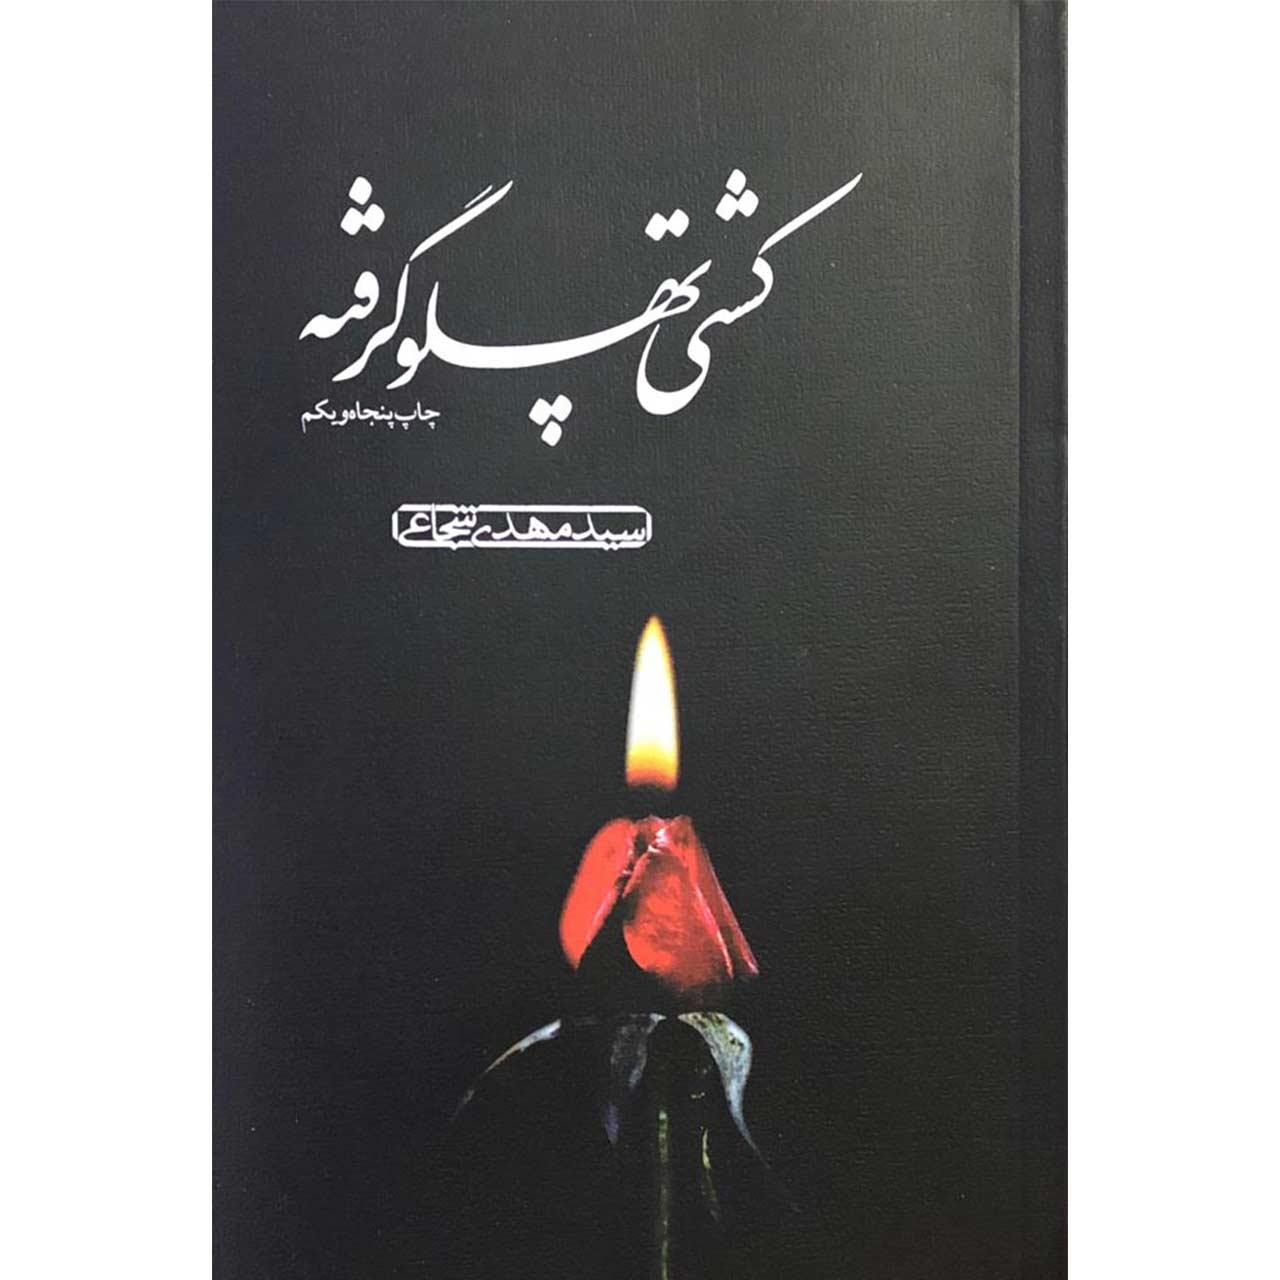 خرید                      کتاب کشتی پهلو گرفته اثر سید مهدی شجاعی نشر کتاب نیستان